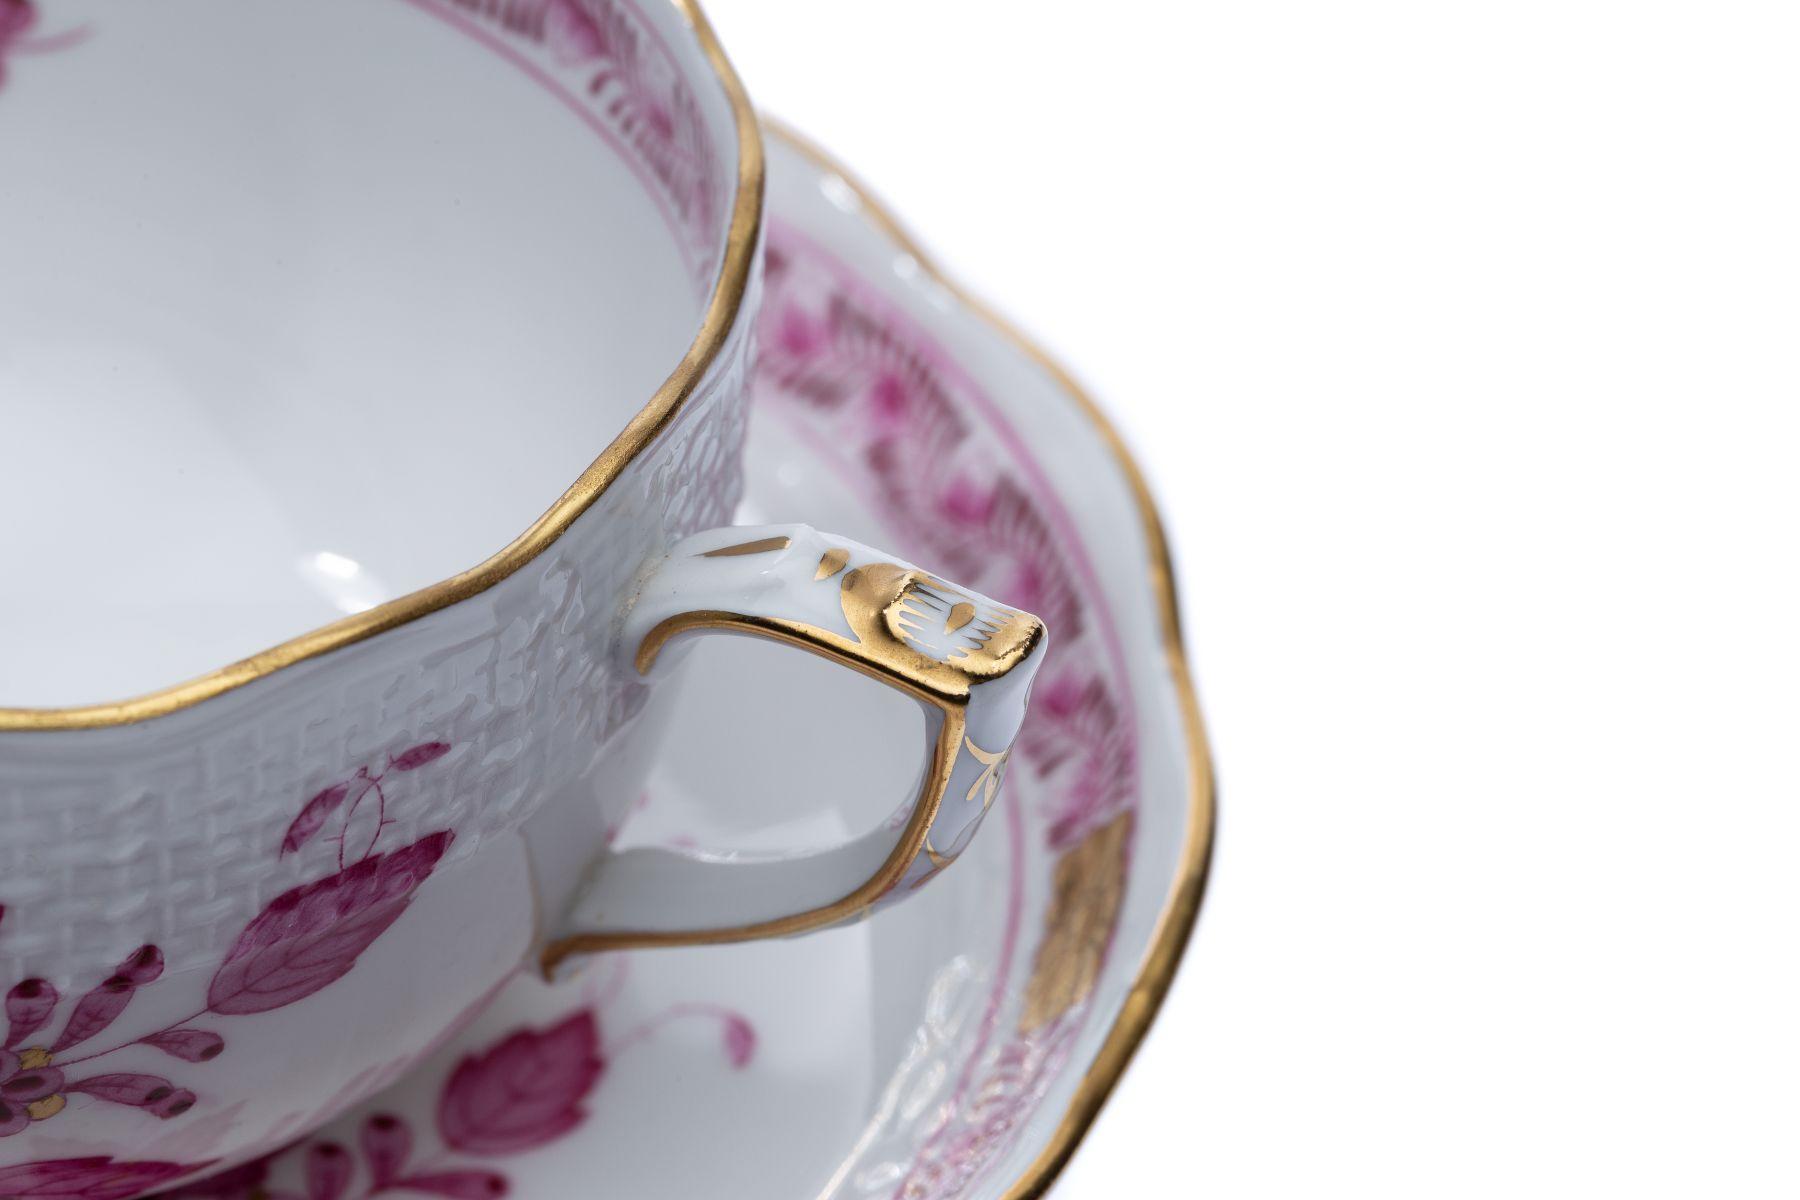 """Kaffeeservice Form Osier Dekor """"Indischer Korb"""" - Bild 3 aus 15"""